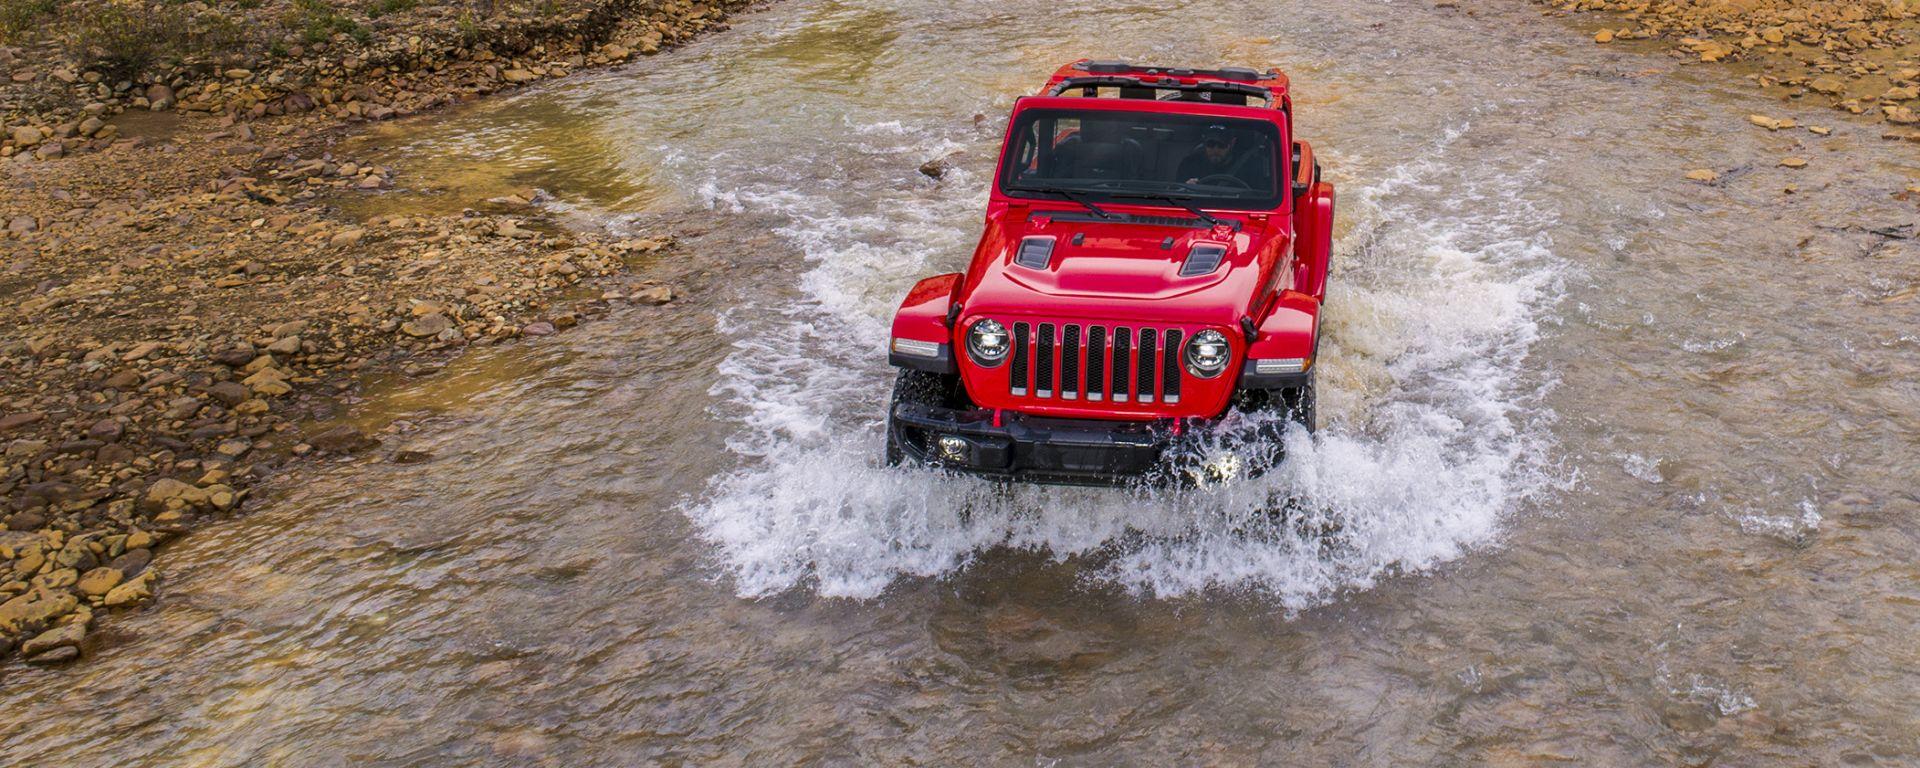 Ancora più specializzata della Rubicon, la Jeep Wrangler Mojave dovrebbe arrivare nel 2021